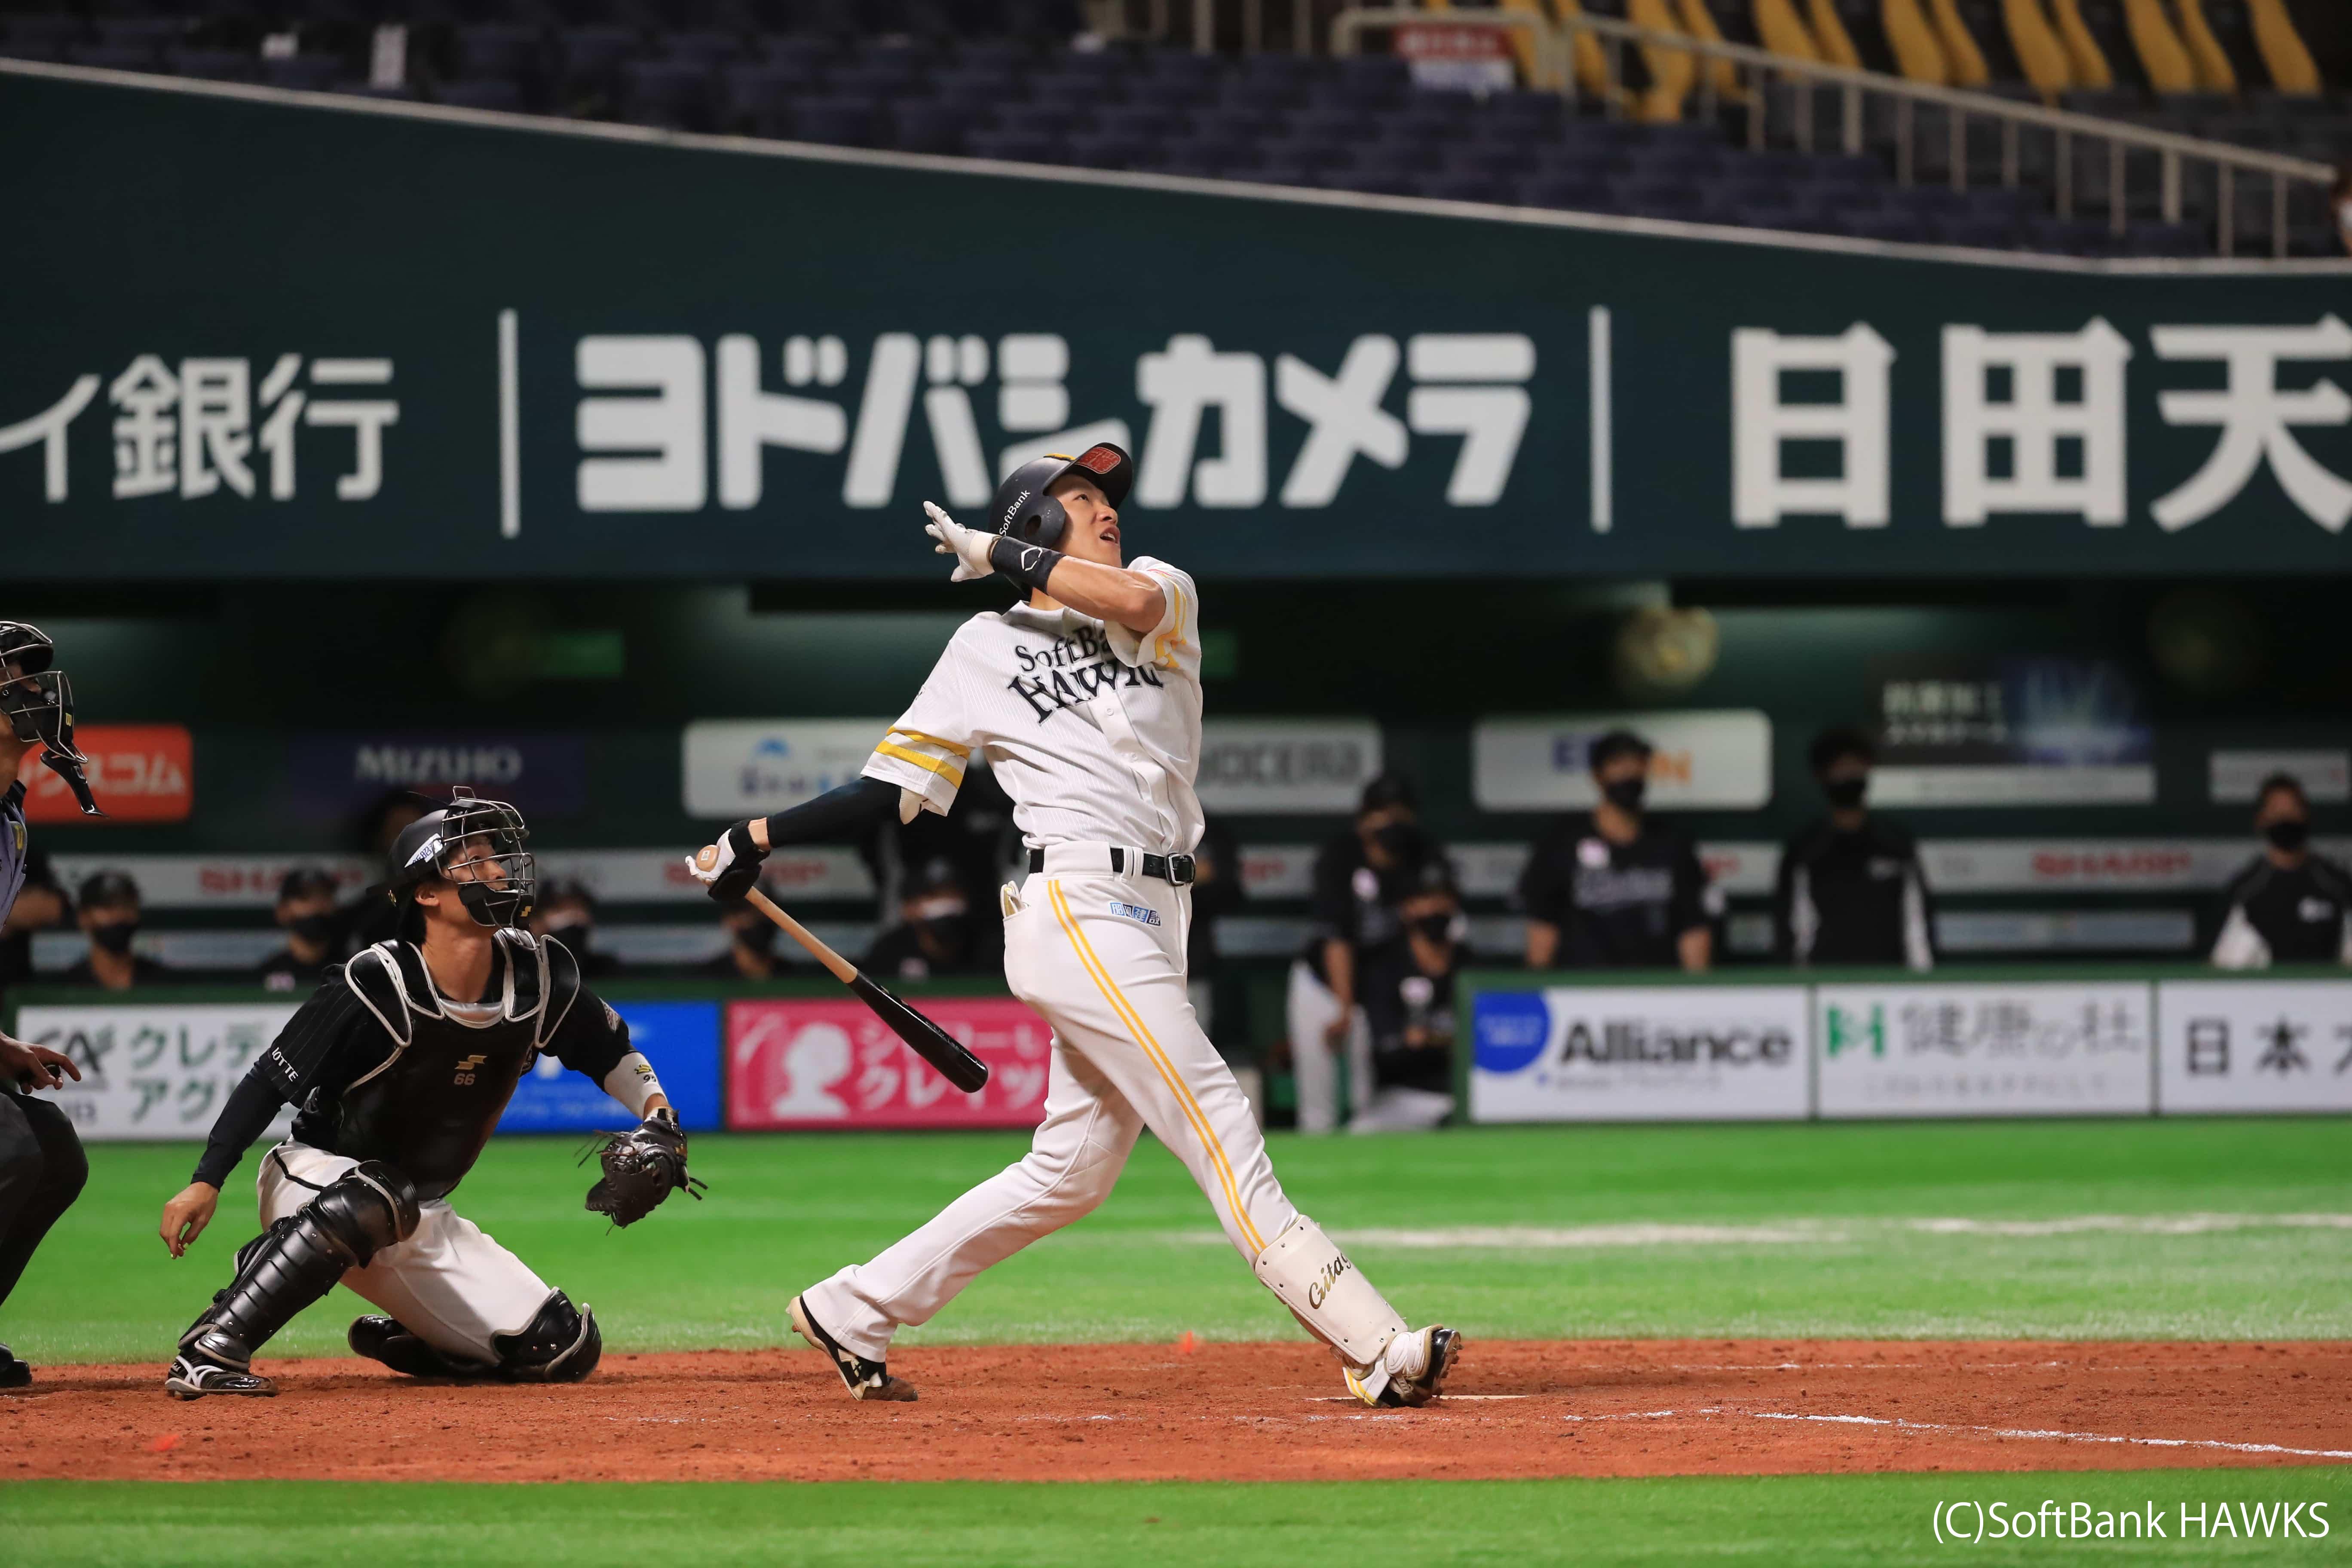 福岡での試合観戦&リモートワーク・ご出張を組み合わせたワーケーションなんて、いかがですか?